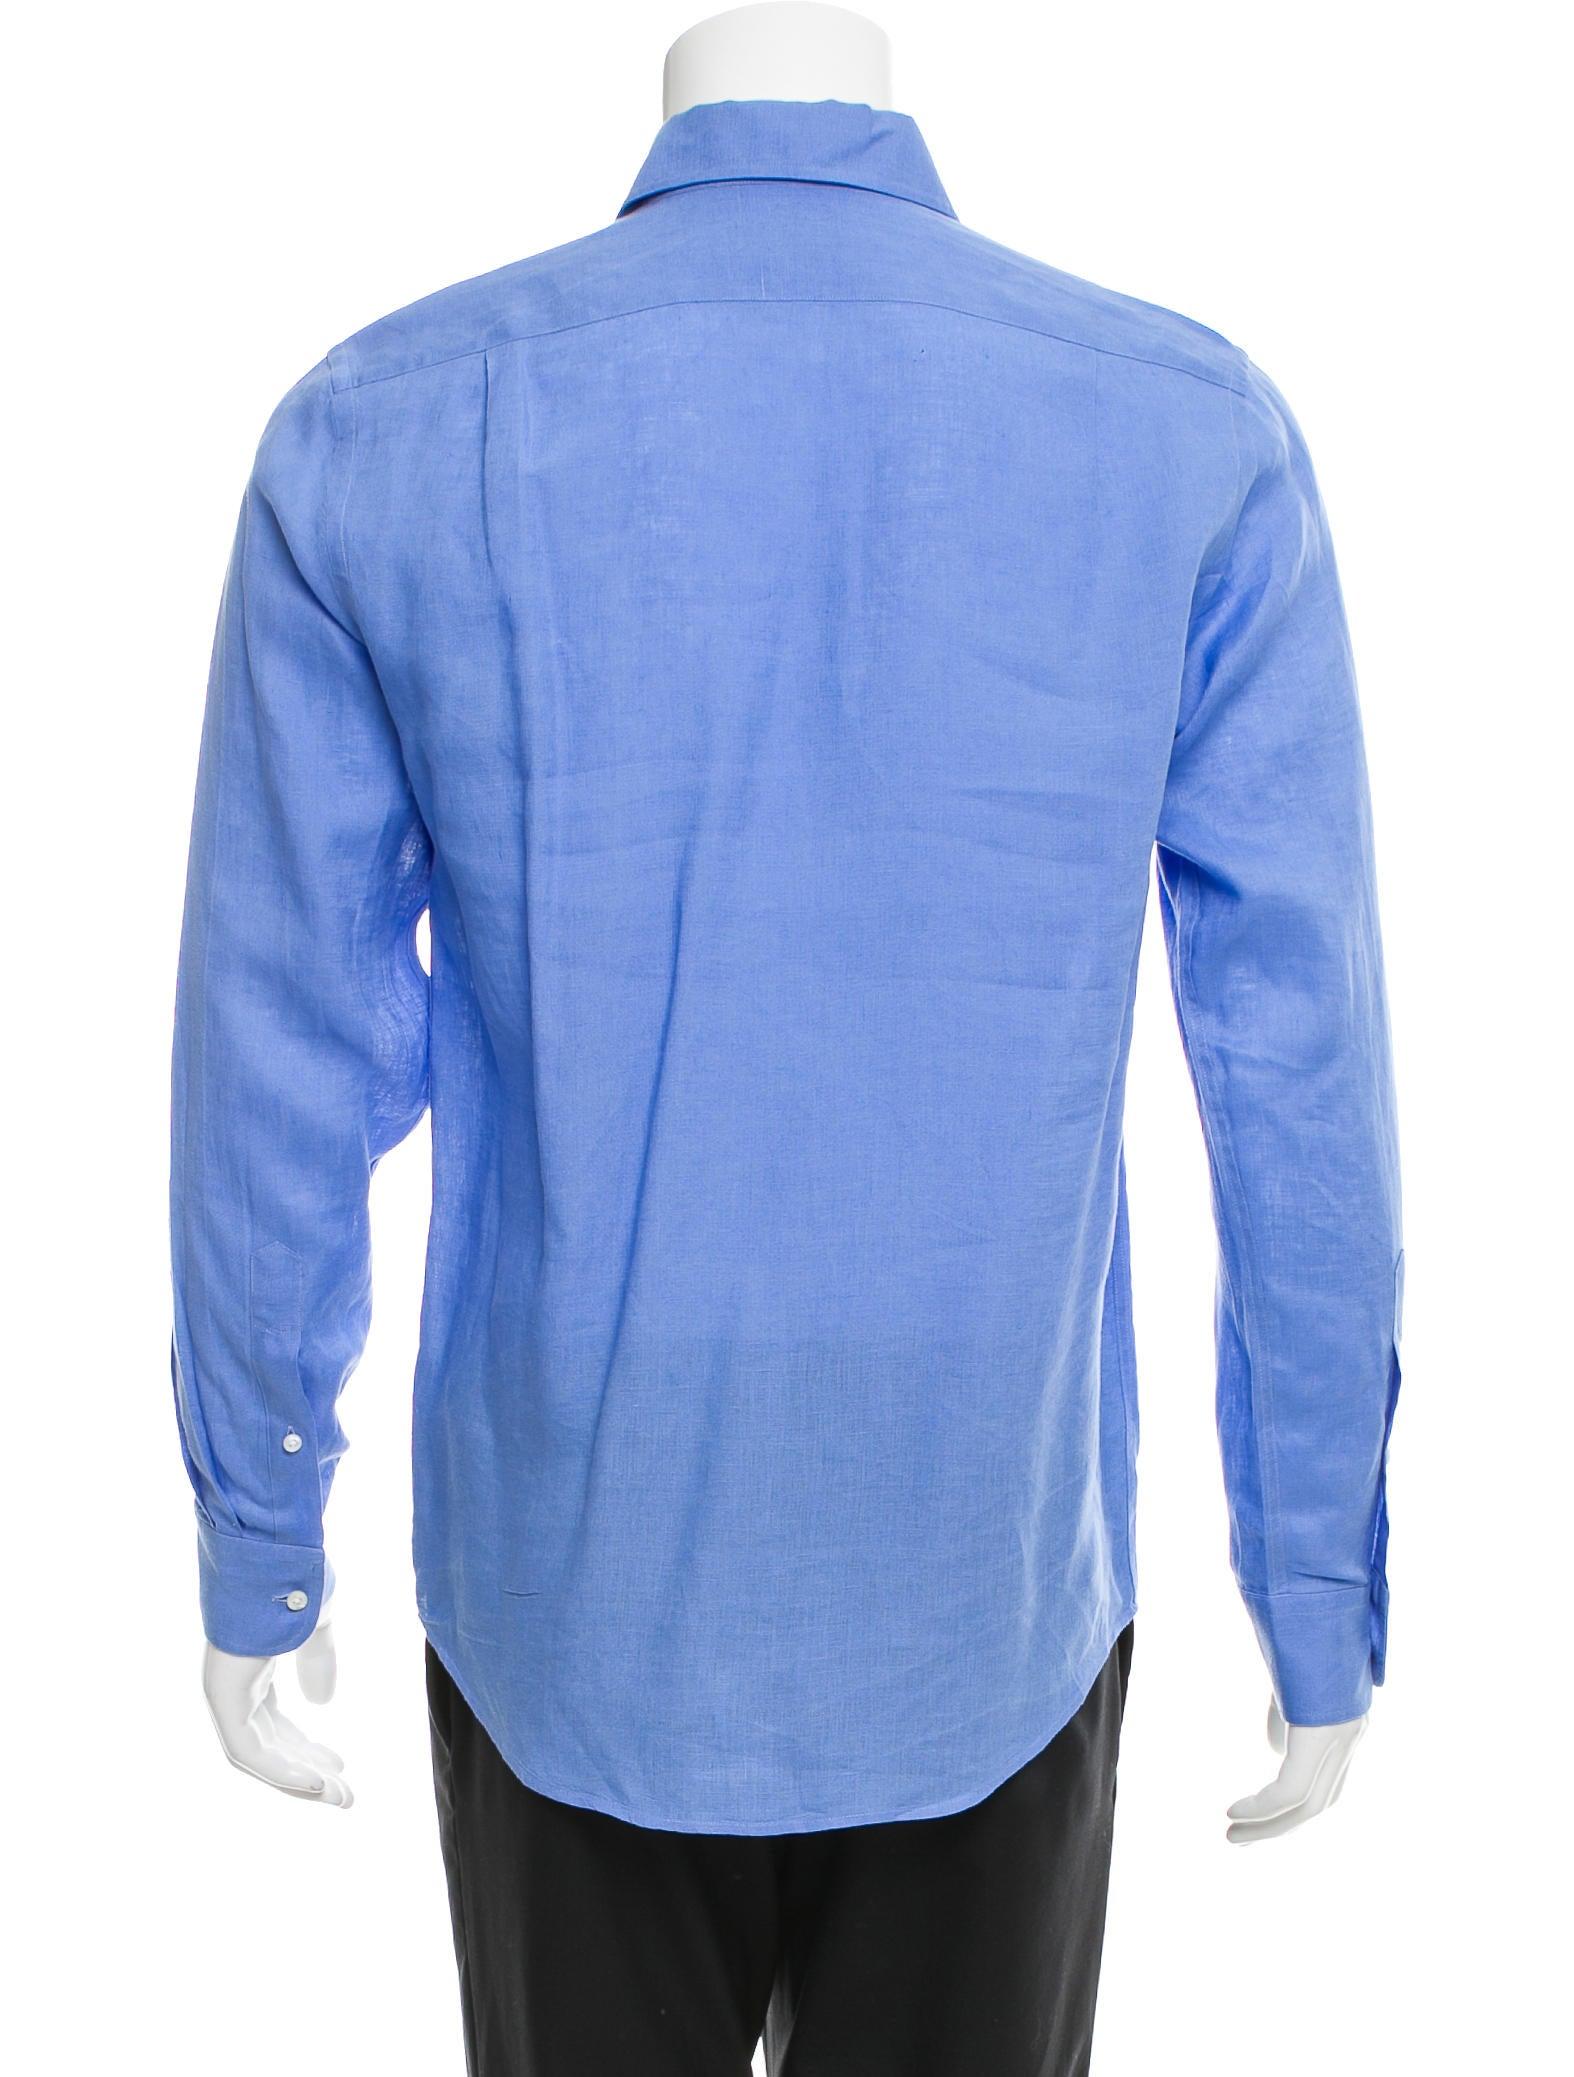 Ralph lauren purple label linen button up shirt clothing for Mens light blue linen shirt